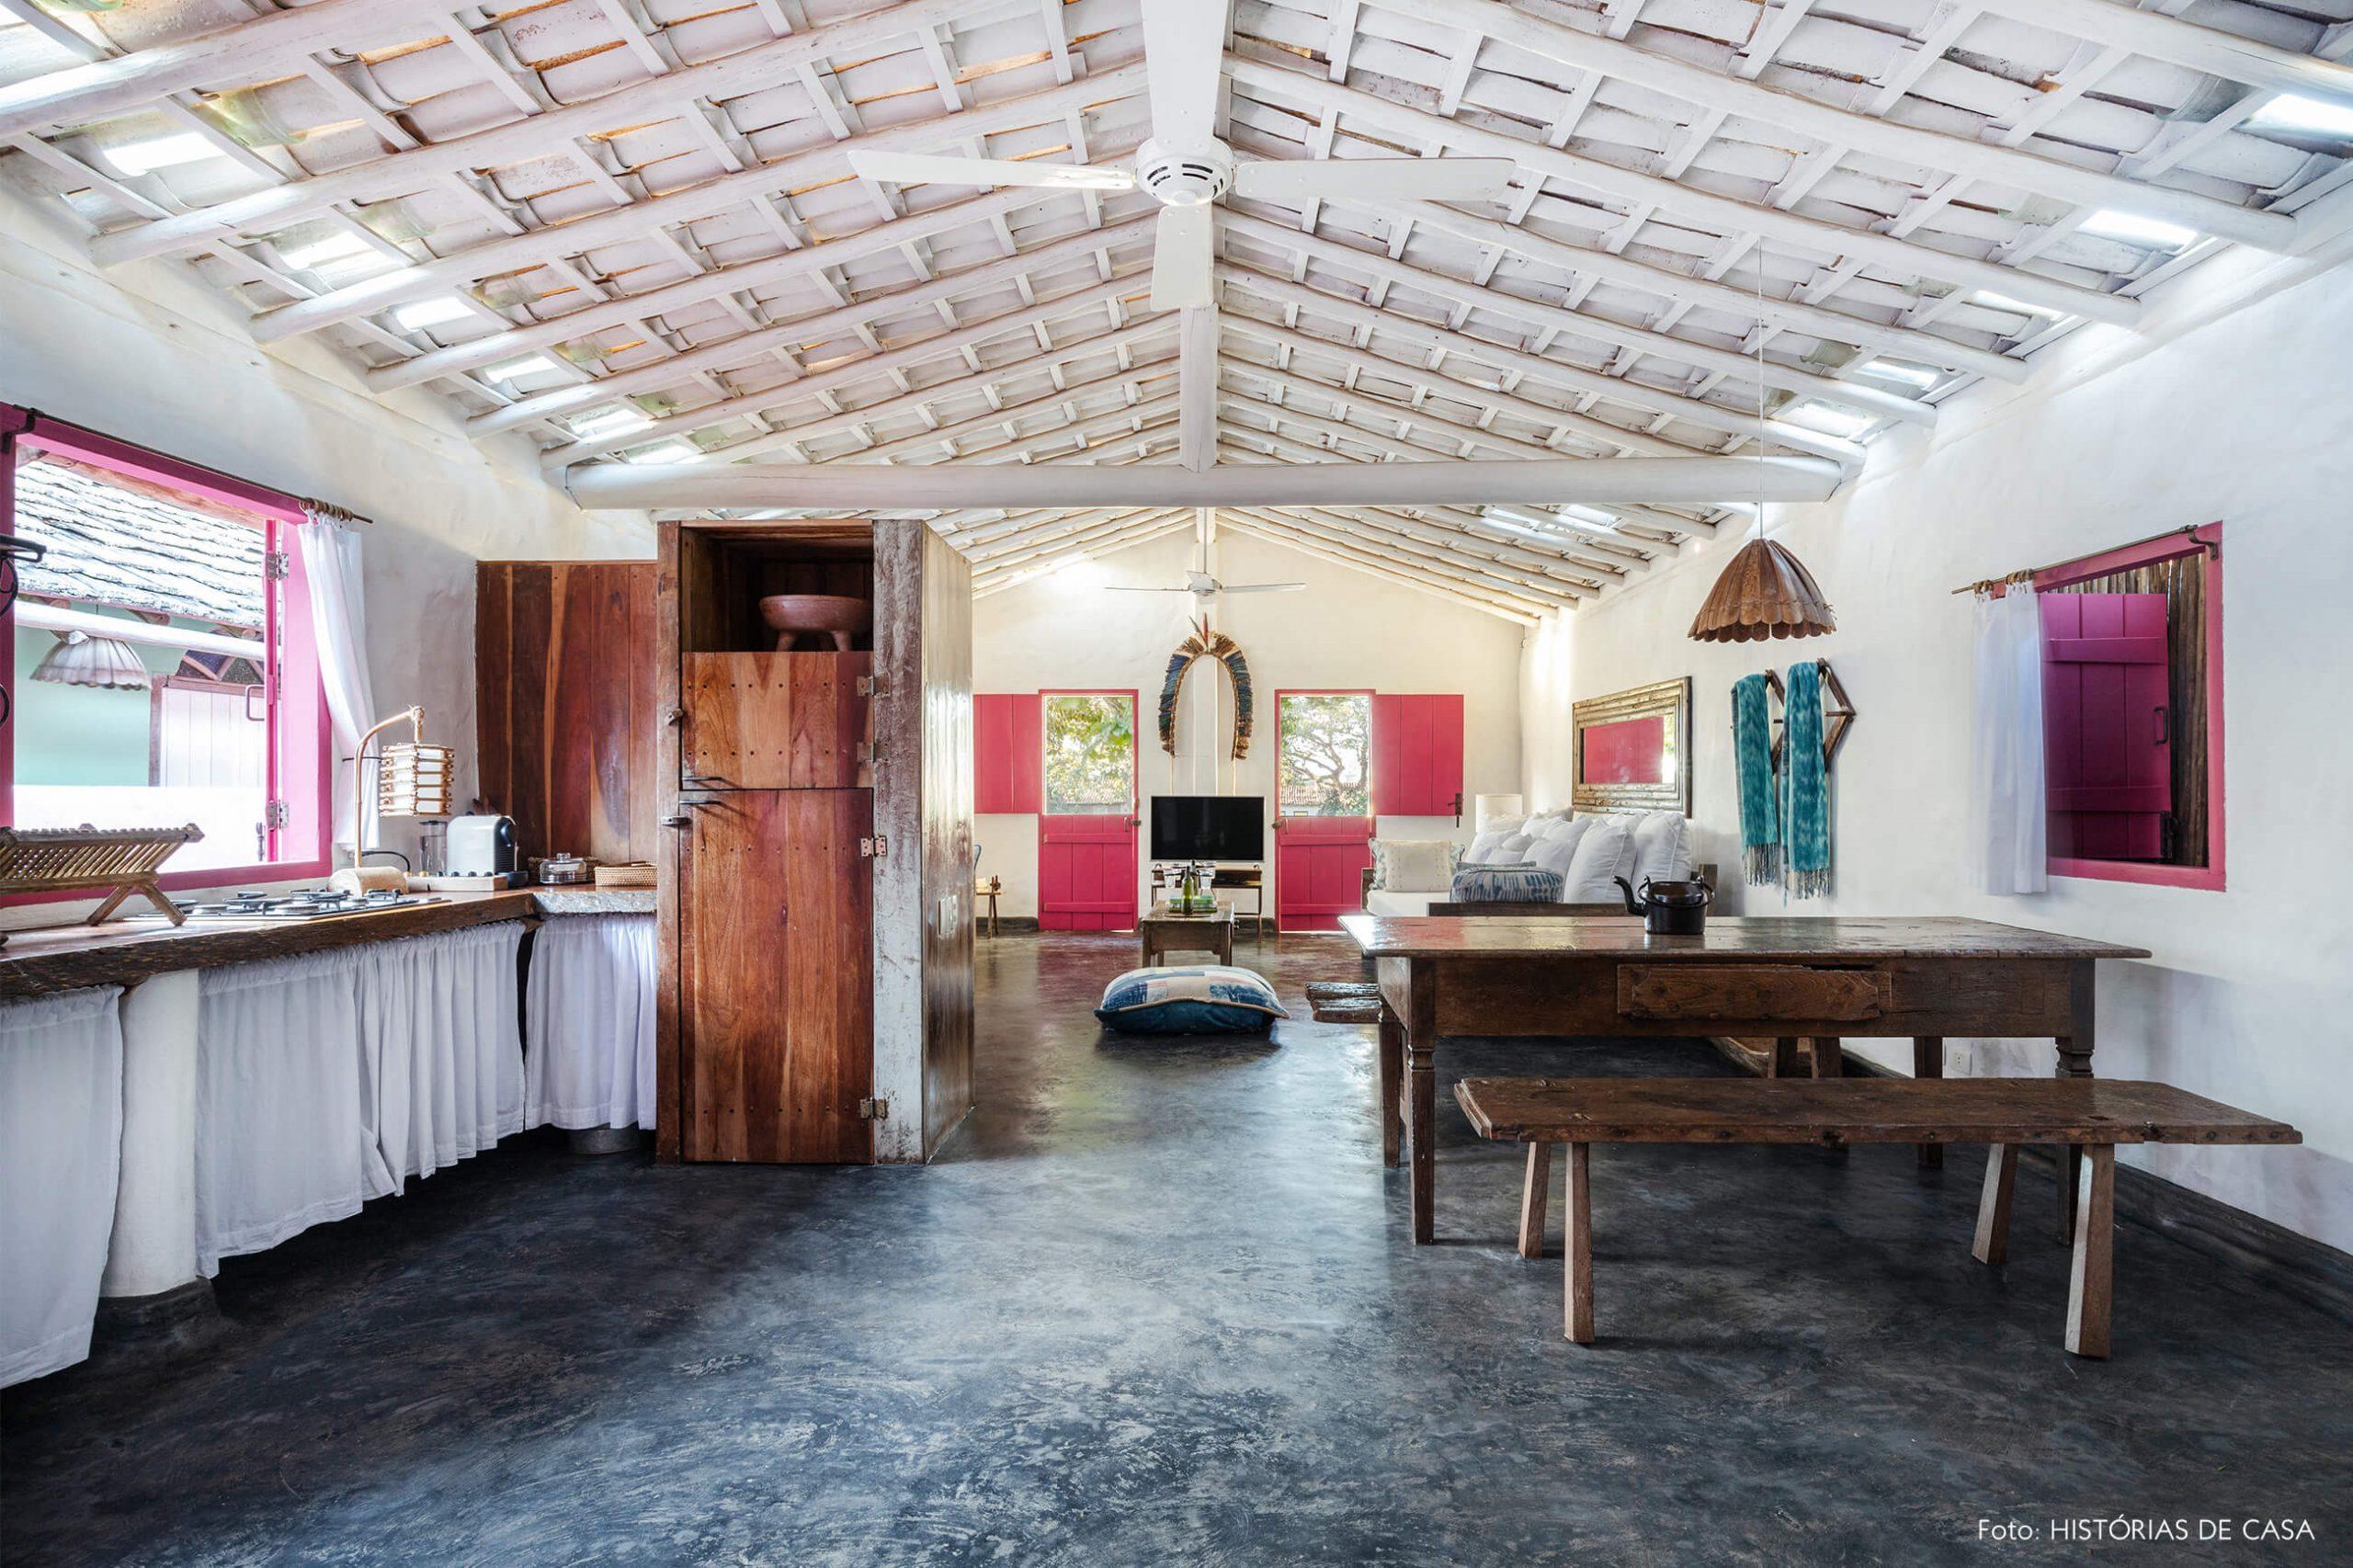 cozinha sala rustica com moveis de madeira decoração uxua